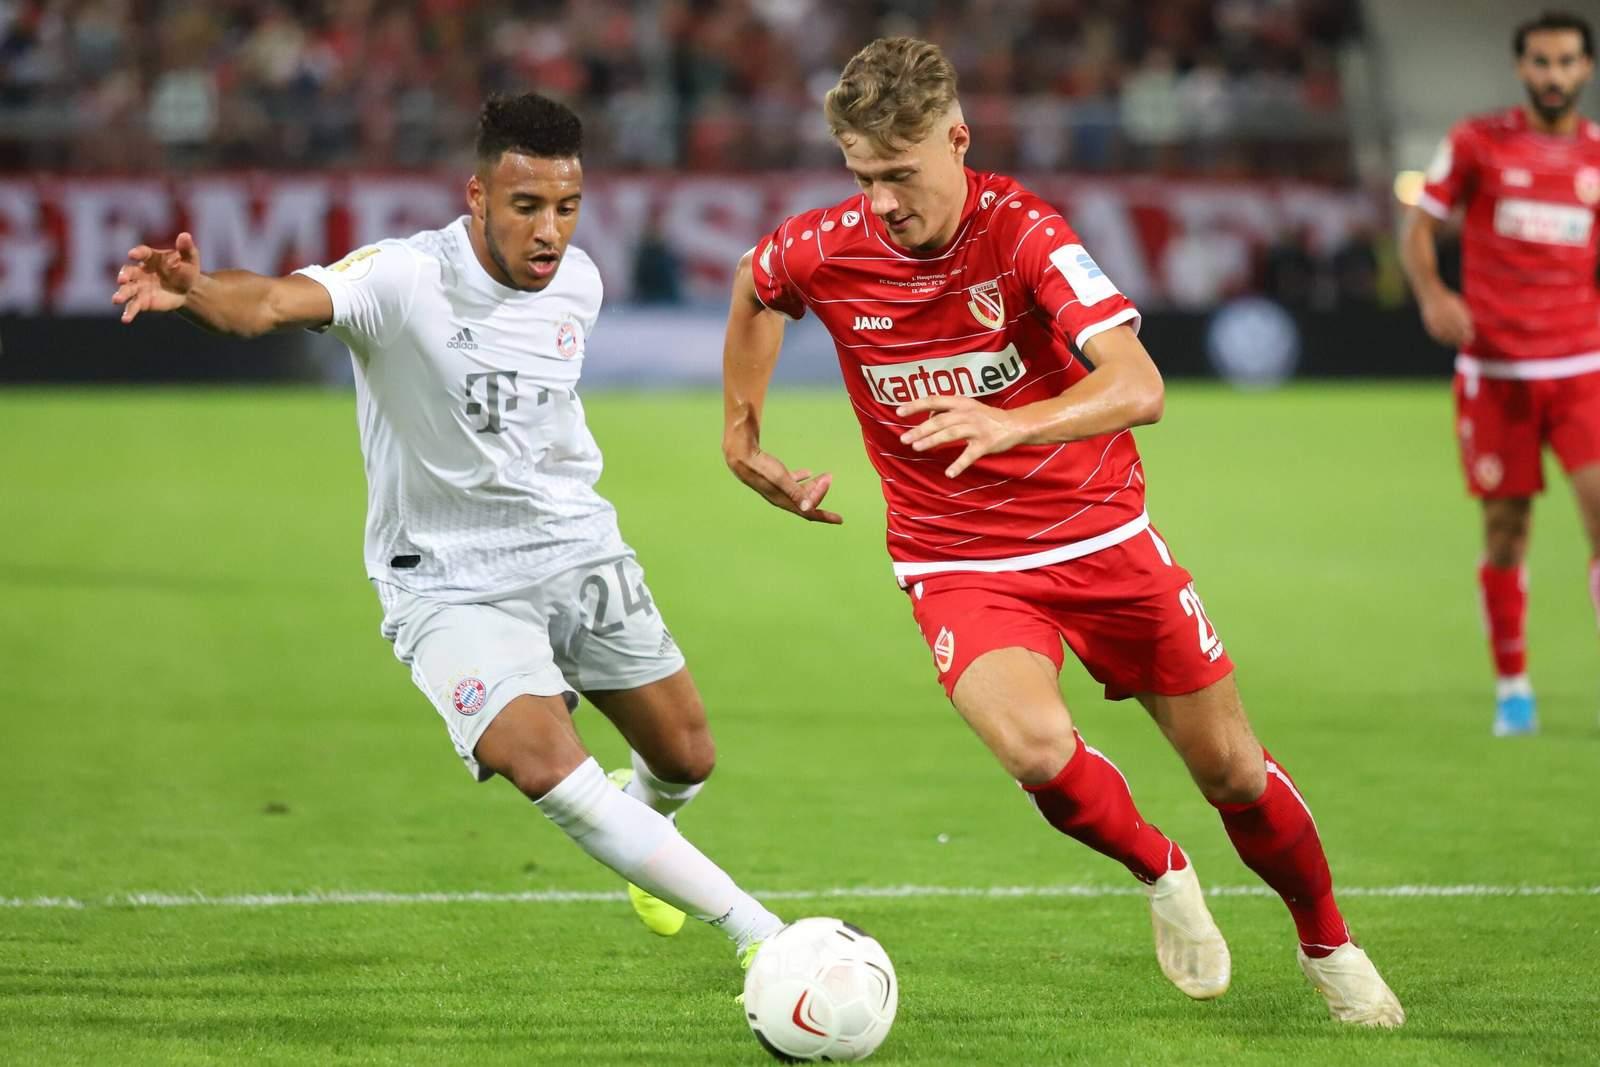 Tobias Eisenhuth von Energie Cottbus gegen Corentin Tolisso vom FC Bayern